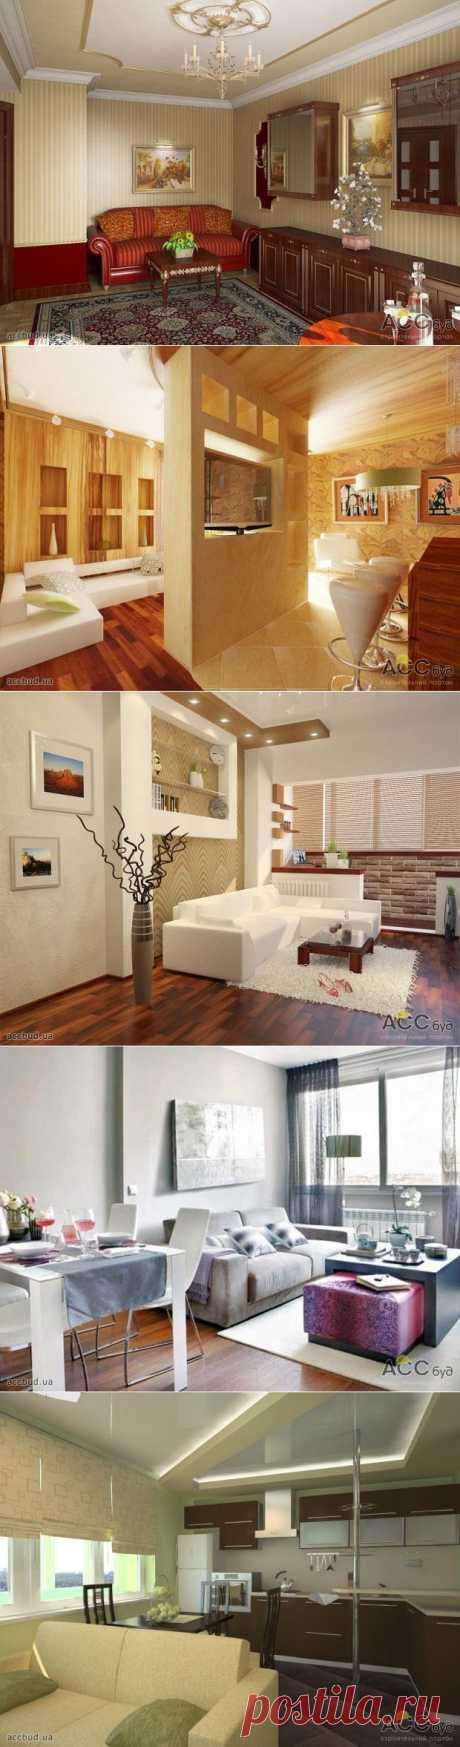 Современные дизайнерские решения гостиной в хрущевке | Наш уютный дом